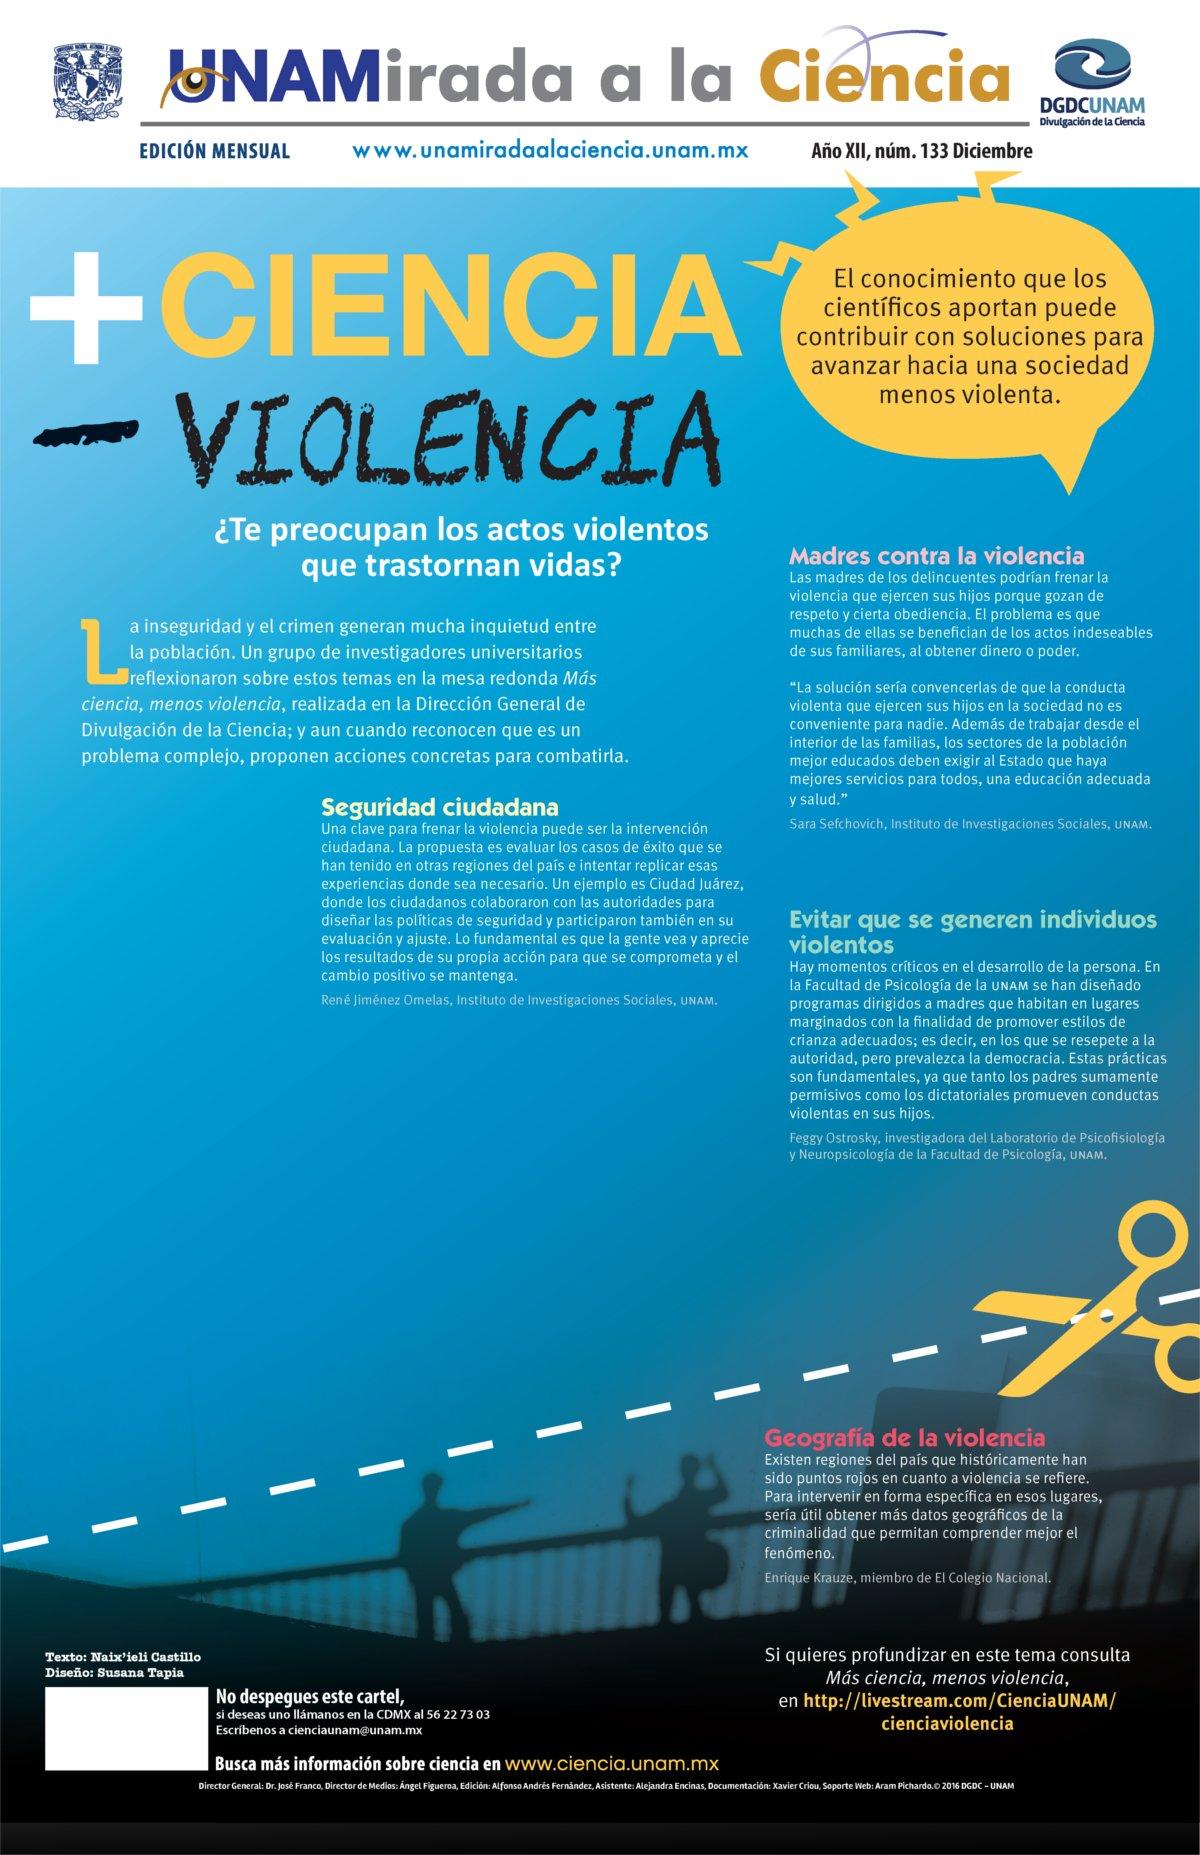 Unamirada a la ciencia: Más ciencia, menos violencia